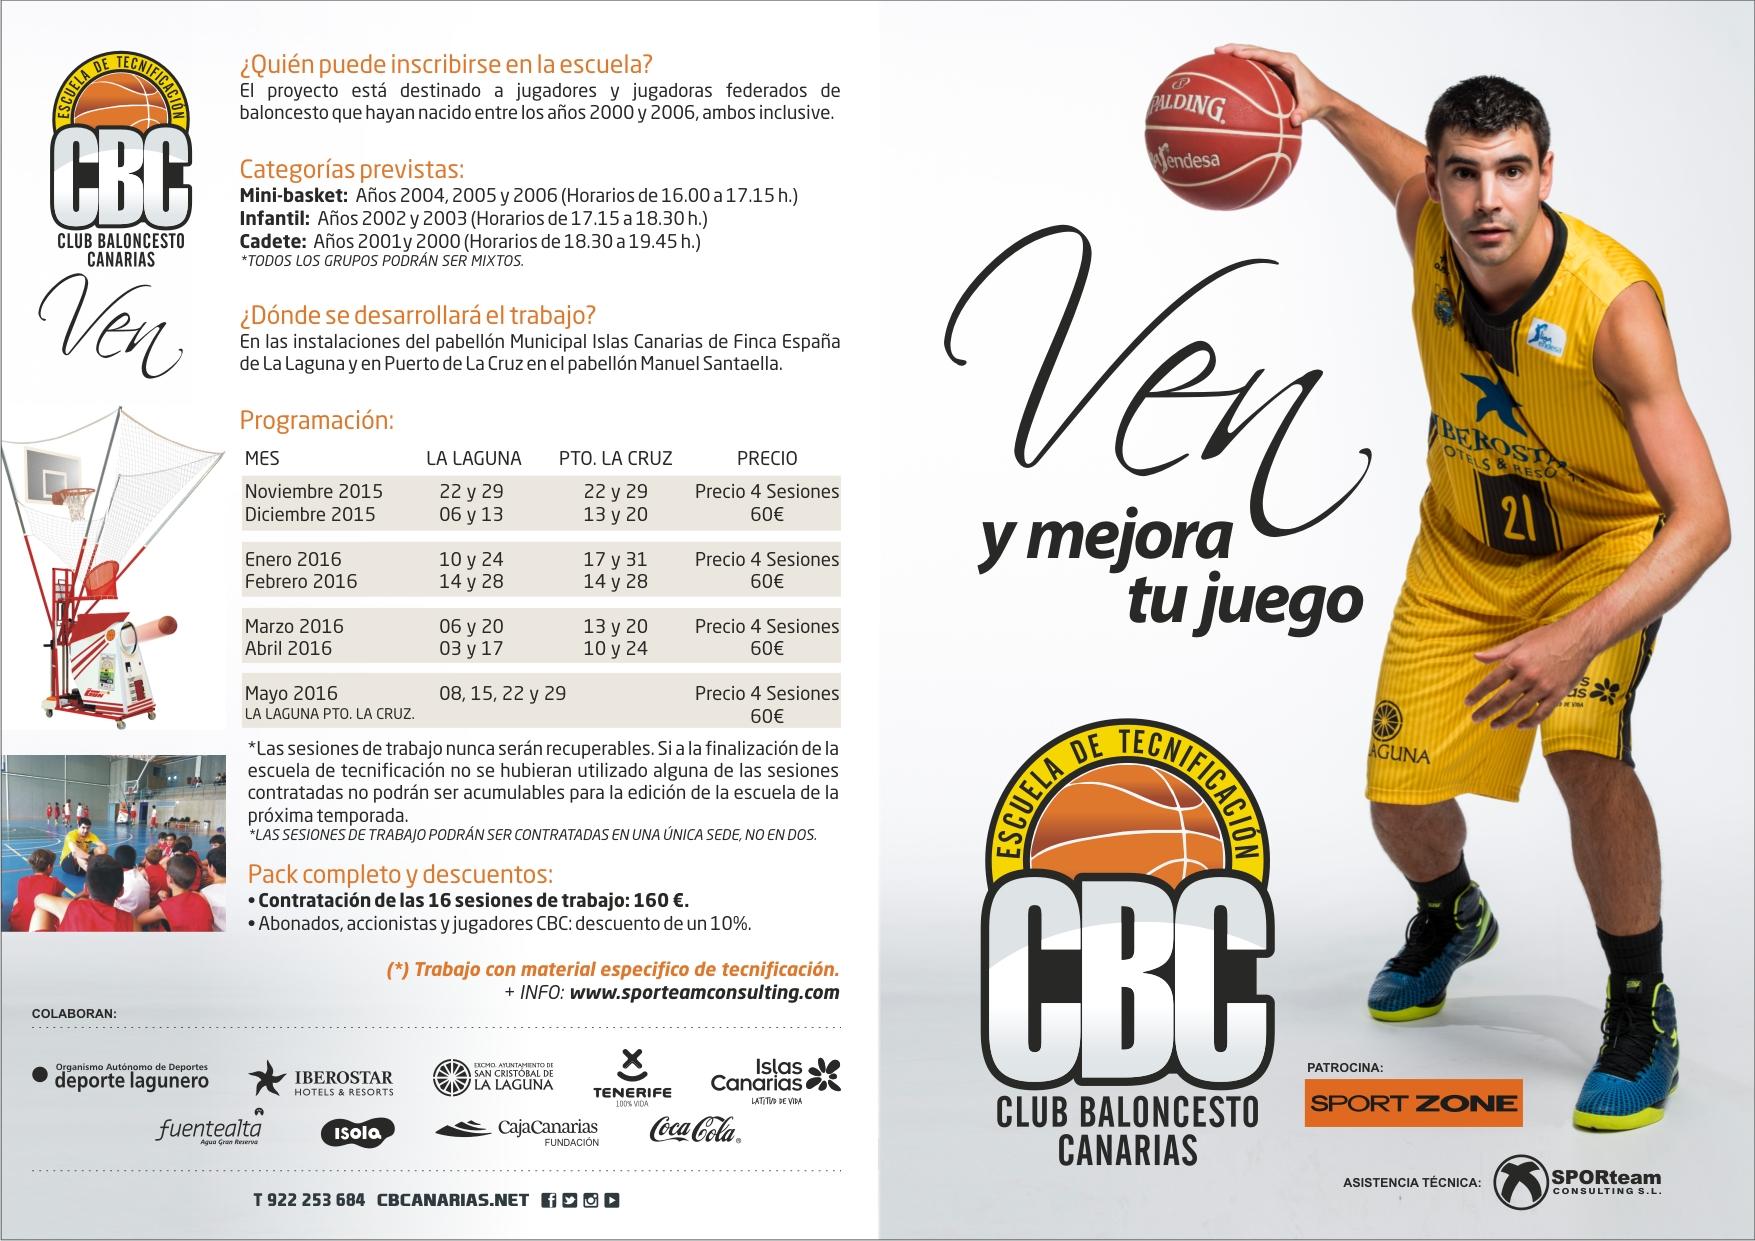 SPORteam Consulting asesora la Escuela de Tecnificación del CB Canarias 2015-16